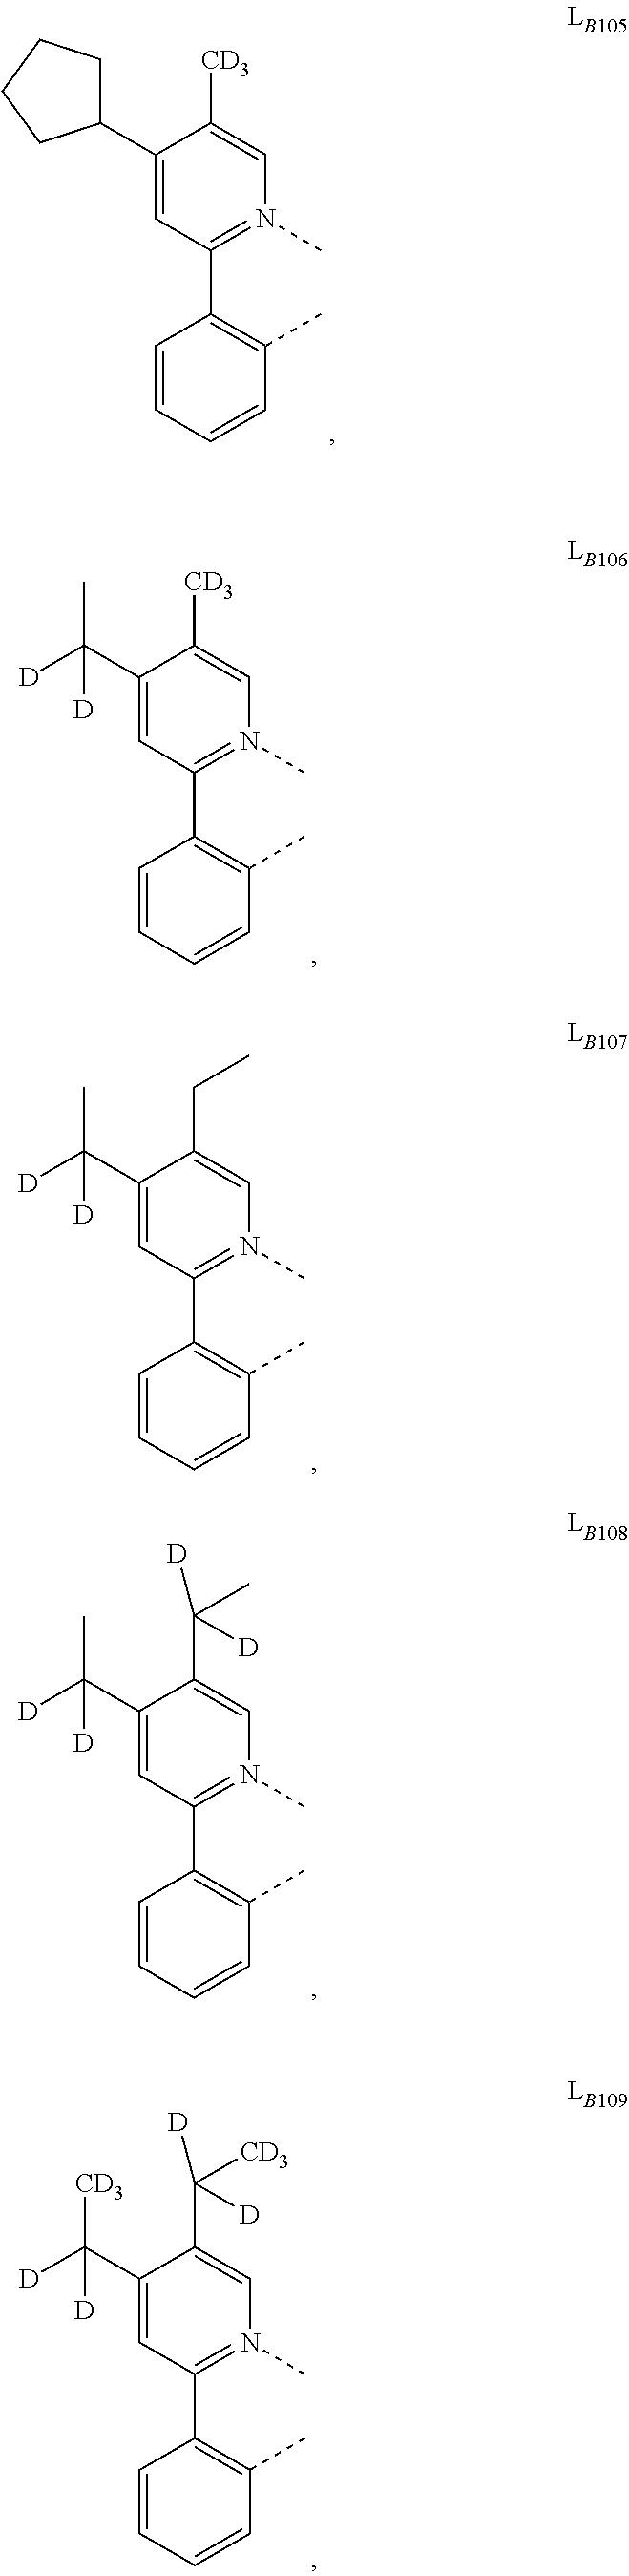 Figure US20160049599A1-20160218-C00518